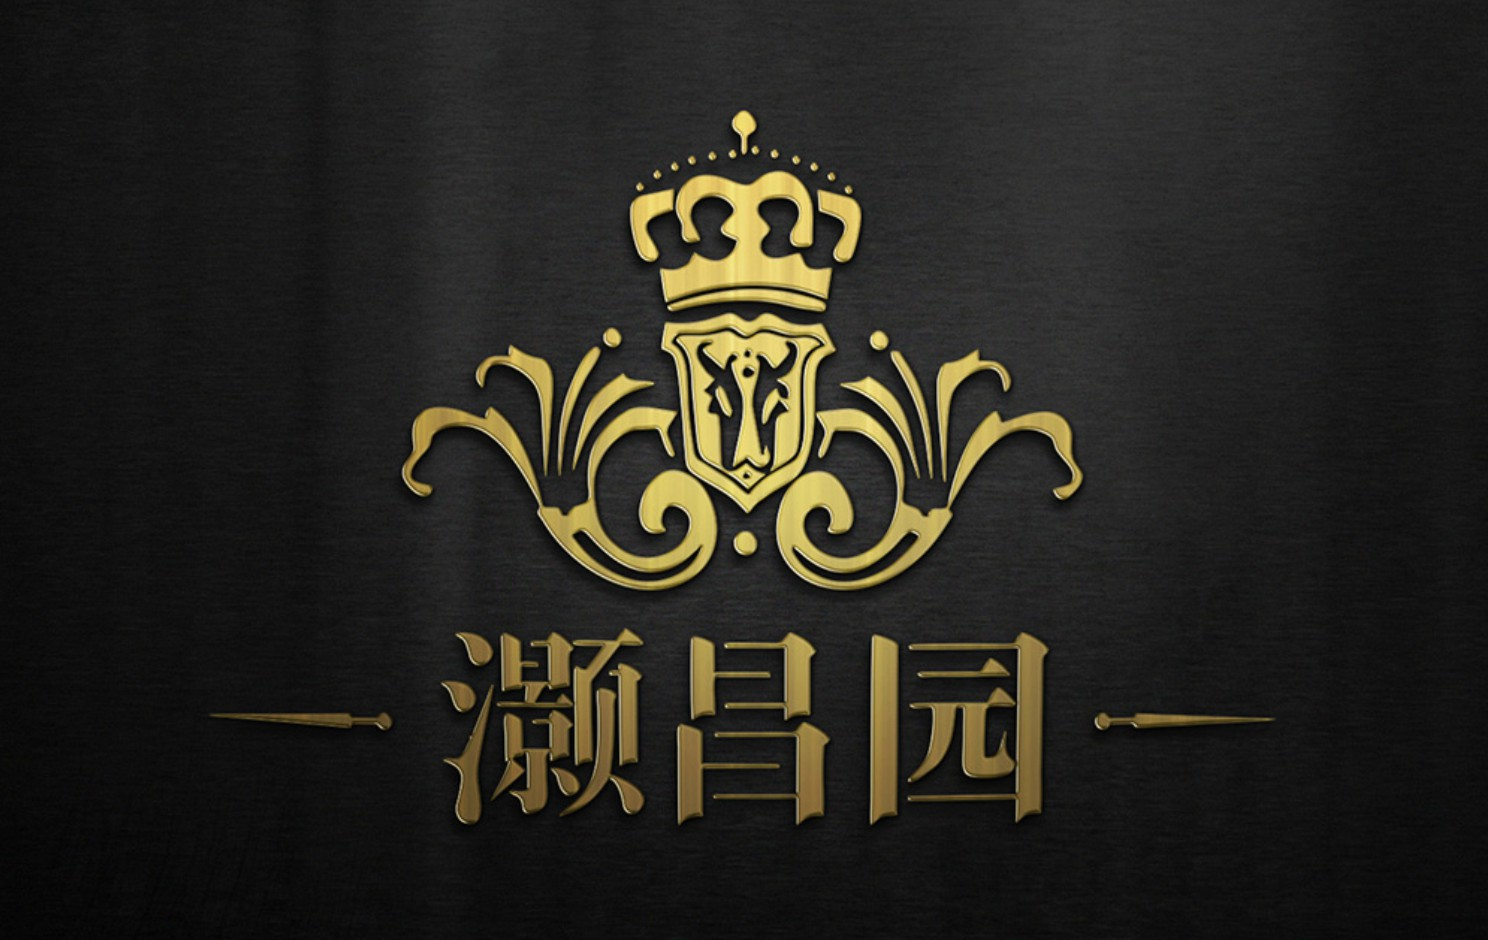 广东省亚博2010市灏昌园广告亚博app下载官网链接